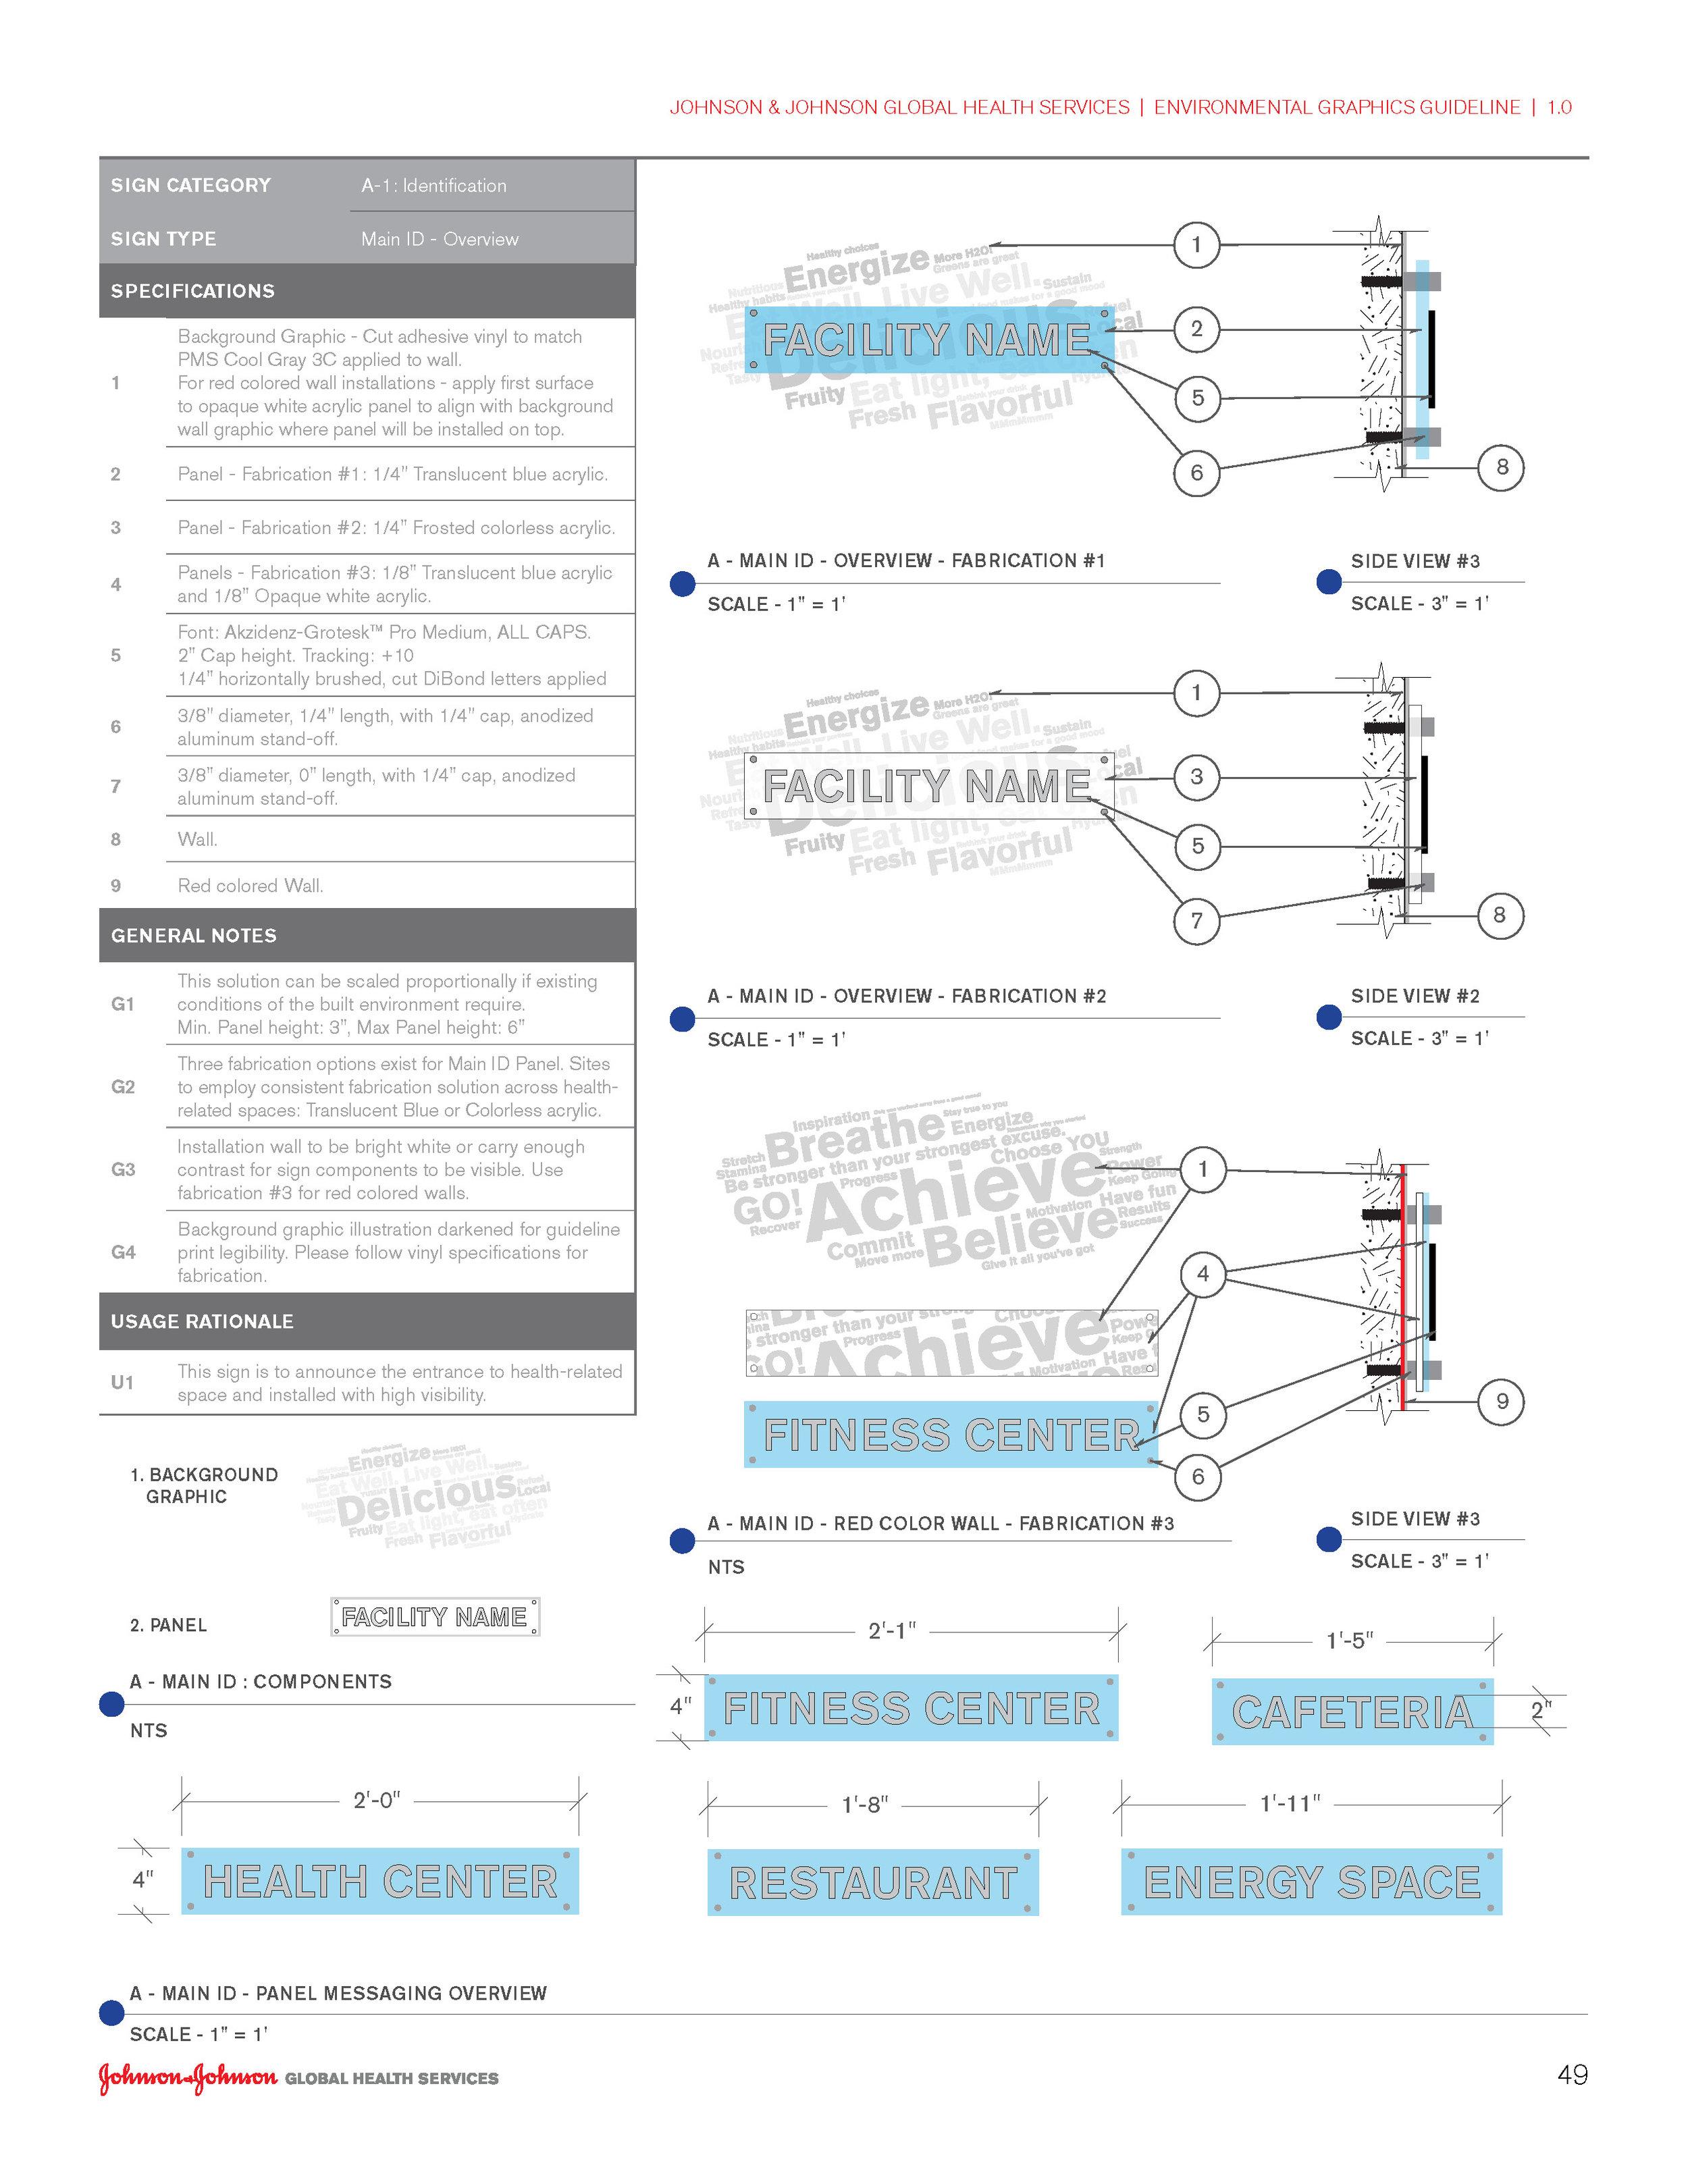 170929_GHS-EnvironmentalGuidelines_1.0 copy_Page_049.jpg